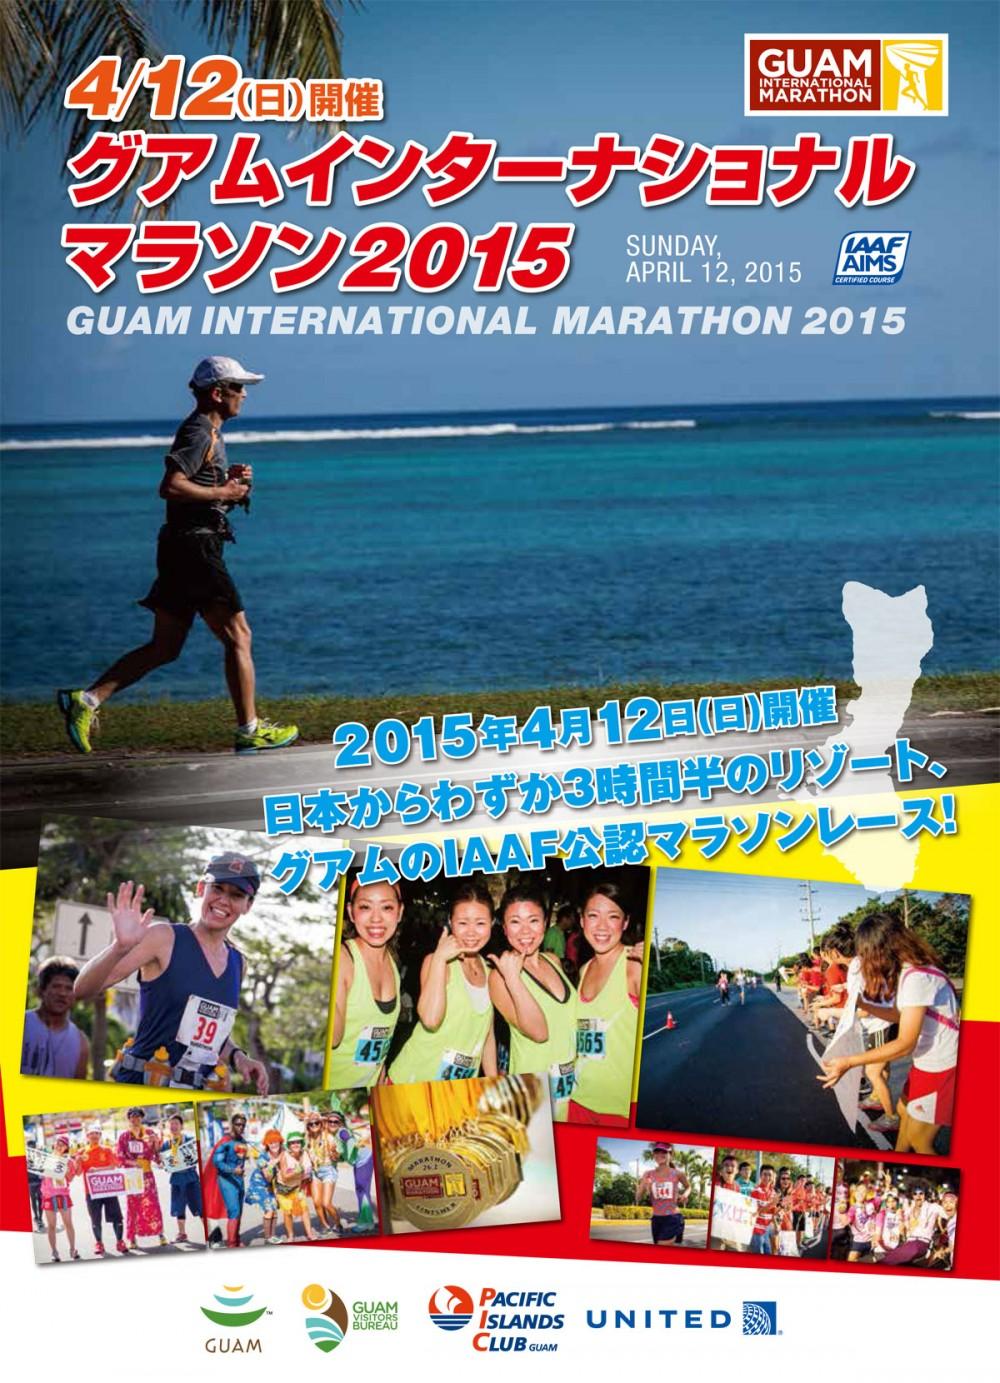 グアムインターナショナルマラソン2015